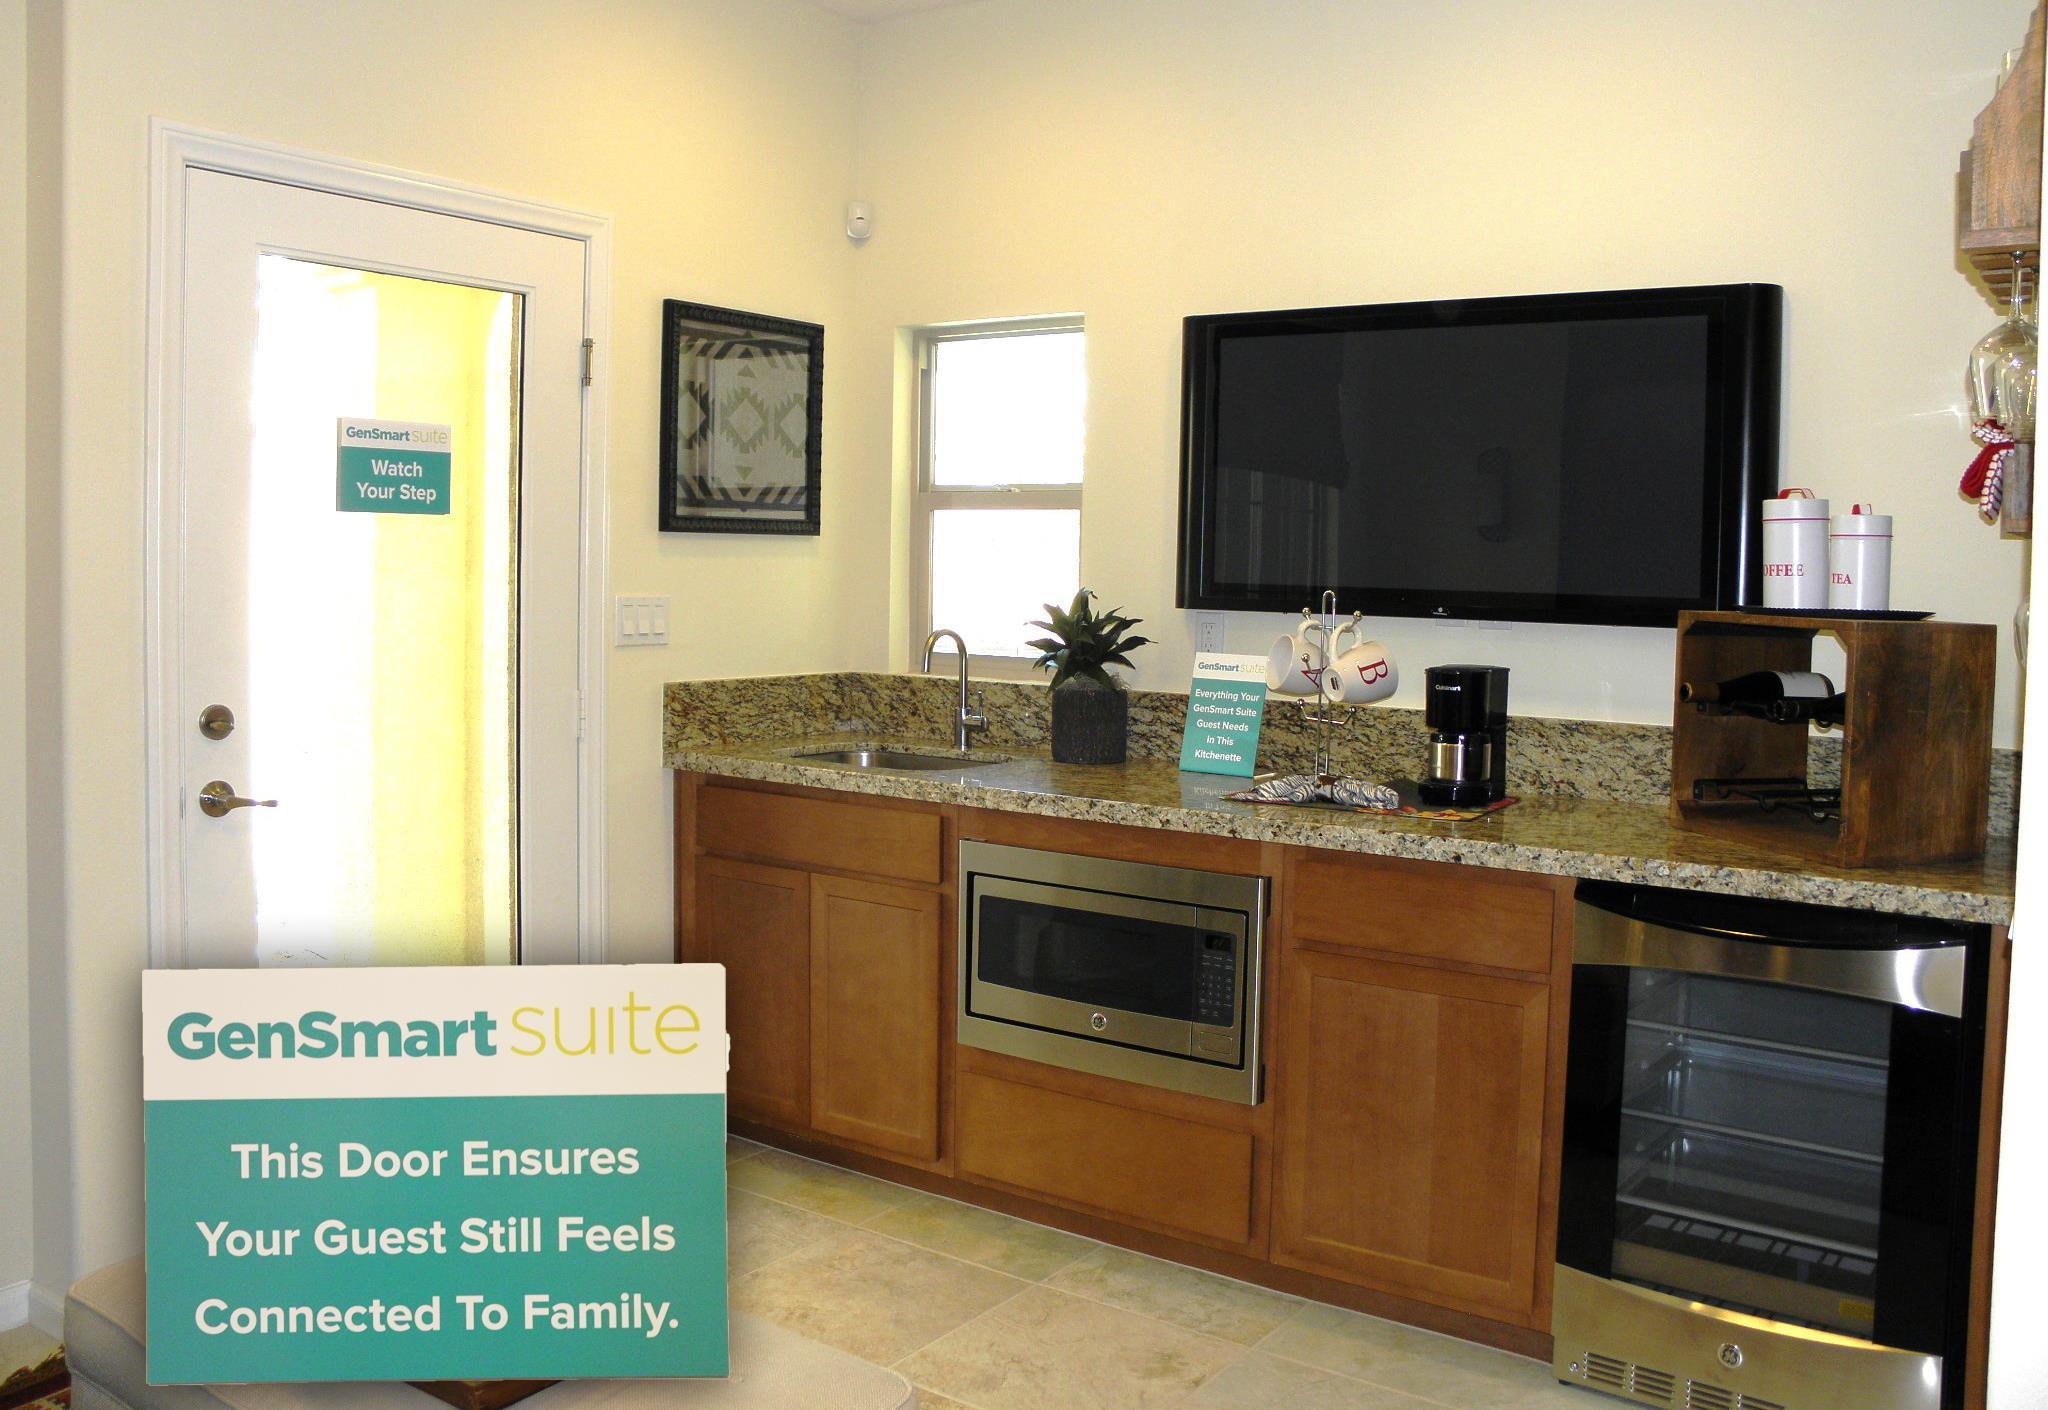 Gen Smart Suite